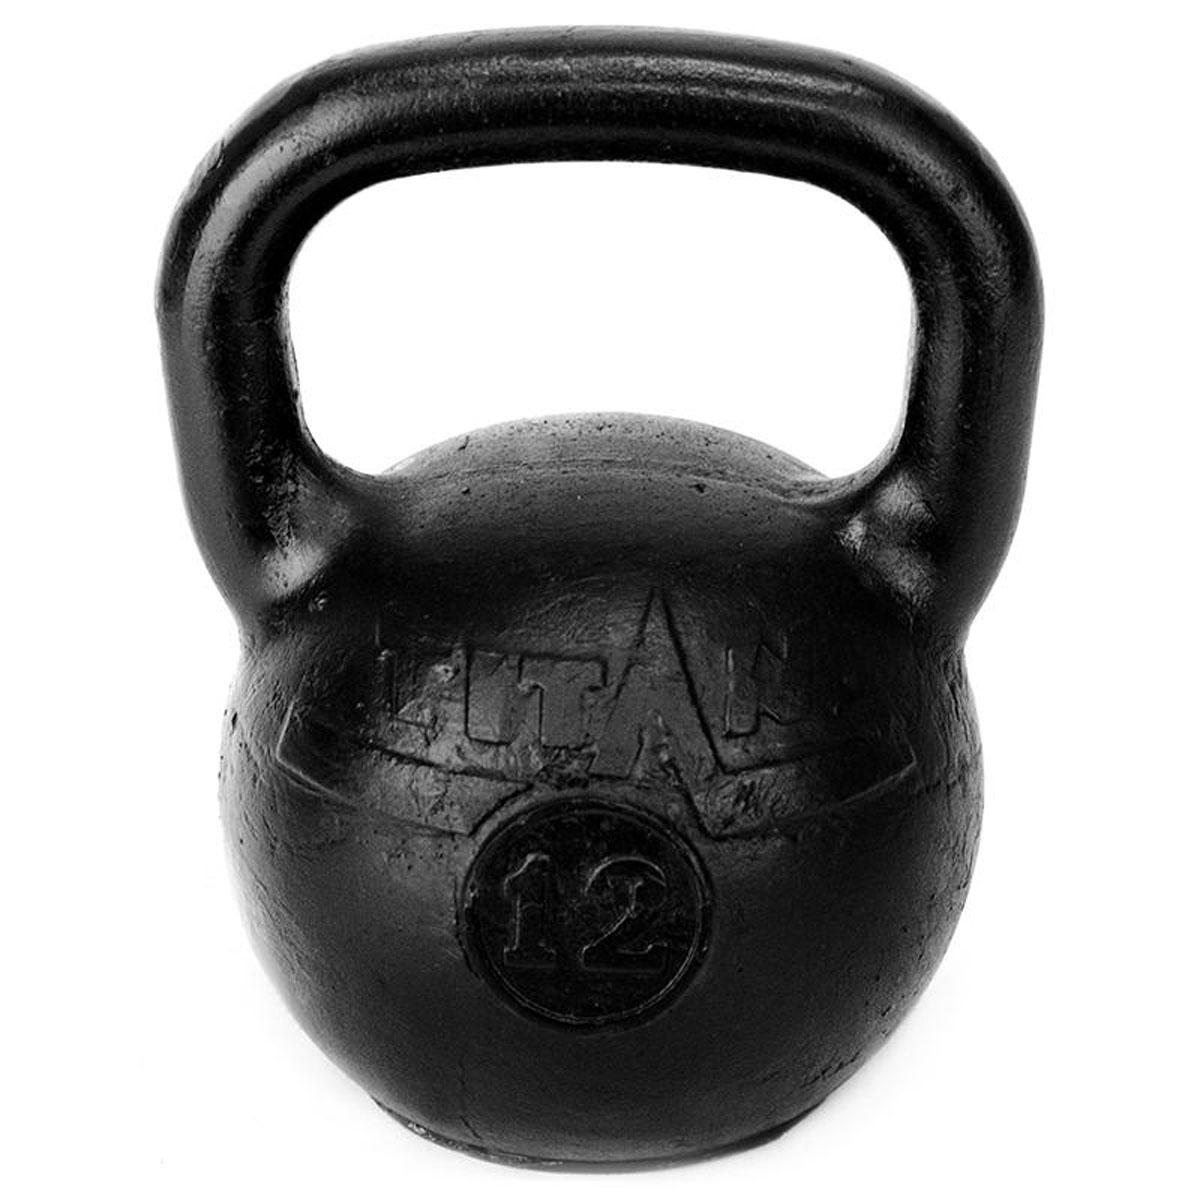 Гиря чугунная Titan, 12 кгTITAN-12Гиря Titan выполнена из высококачественного прочного чугуна. Эргономичная рукоятка не скользит в руке, обеспечивая надежный хват. Чугунная гиря прочна, долговечна, устойчива к коррозии и температурам, поэтому является одними из самых популярных спортивных снарядов. Гири - это самое простое и самое гениальное спортивное оборудование для развития мышечной массы. Правильно поставленные тренировки с ними позволяют не только нарастить мышечную массу, но и развить повышенную выносливость, укрепляют сердечнососудистую систему и костно-мышечный аппарат. Вес гири: 12 кг.